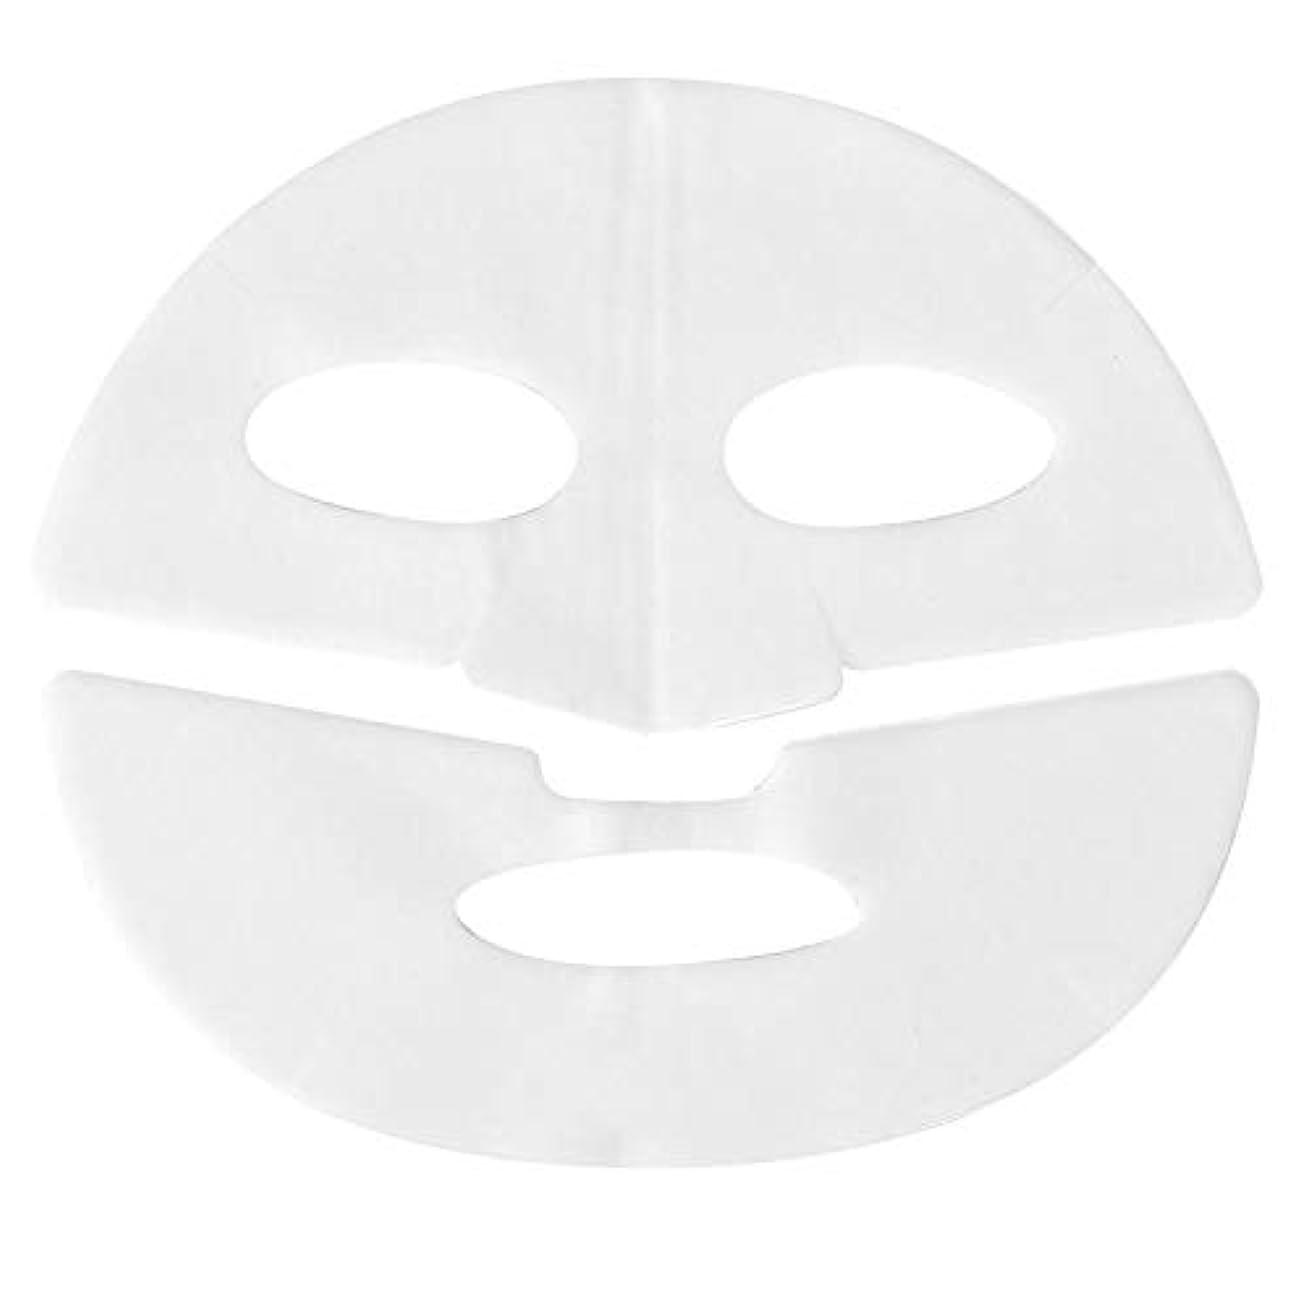 ペックエイリアスタッチ10 PCS痩身マスク - 水分補給用V字型マスク、保湿マスク - 首とあごのリフト、アンチエイジング、しわを軽減